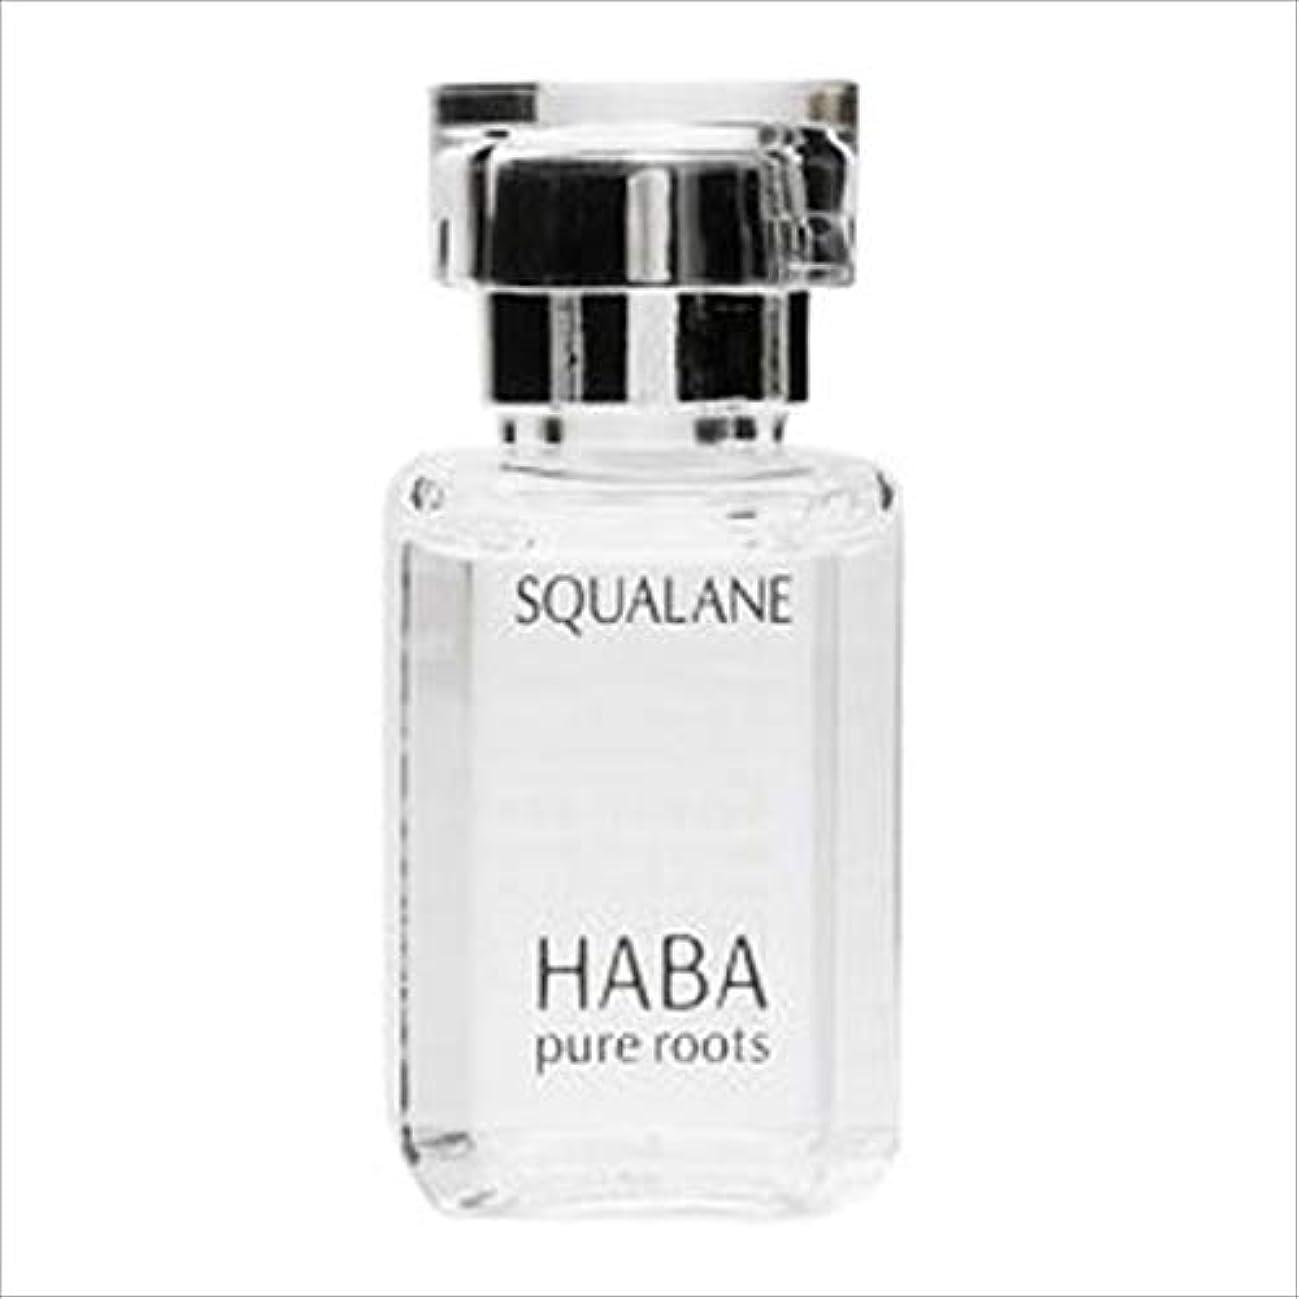 一時解雇するゲート想像力HABA(ハーバー) スクワラン(化粧オイル) 15ml